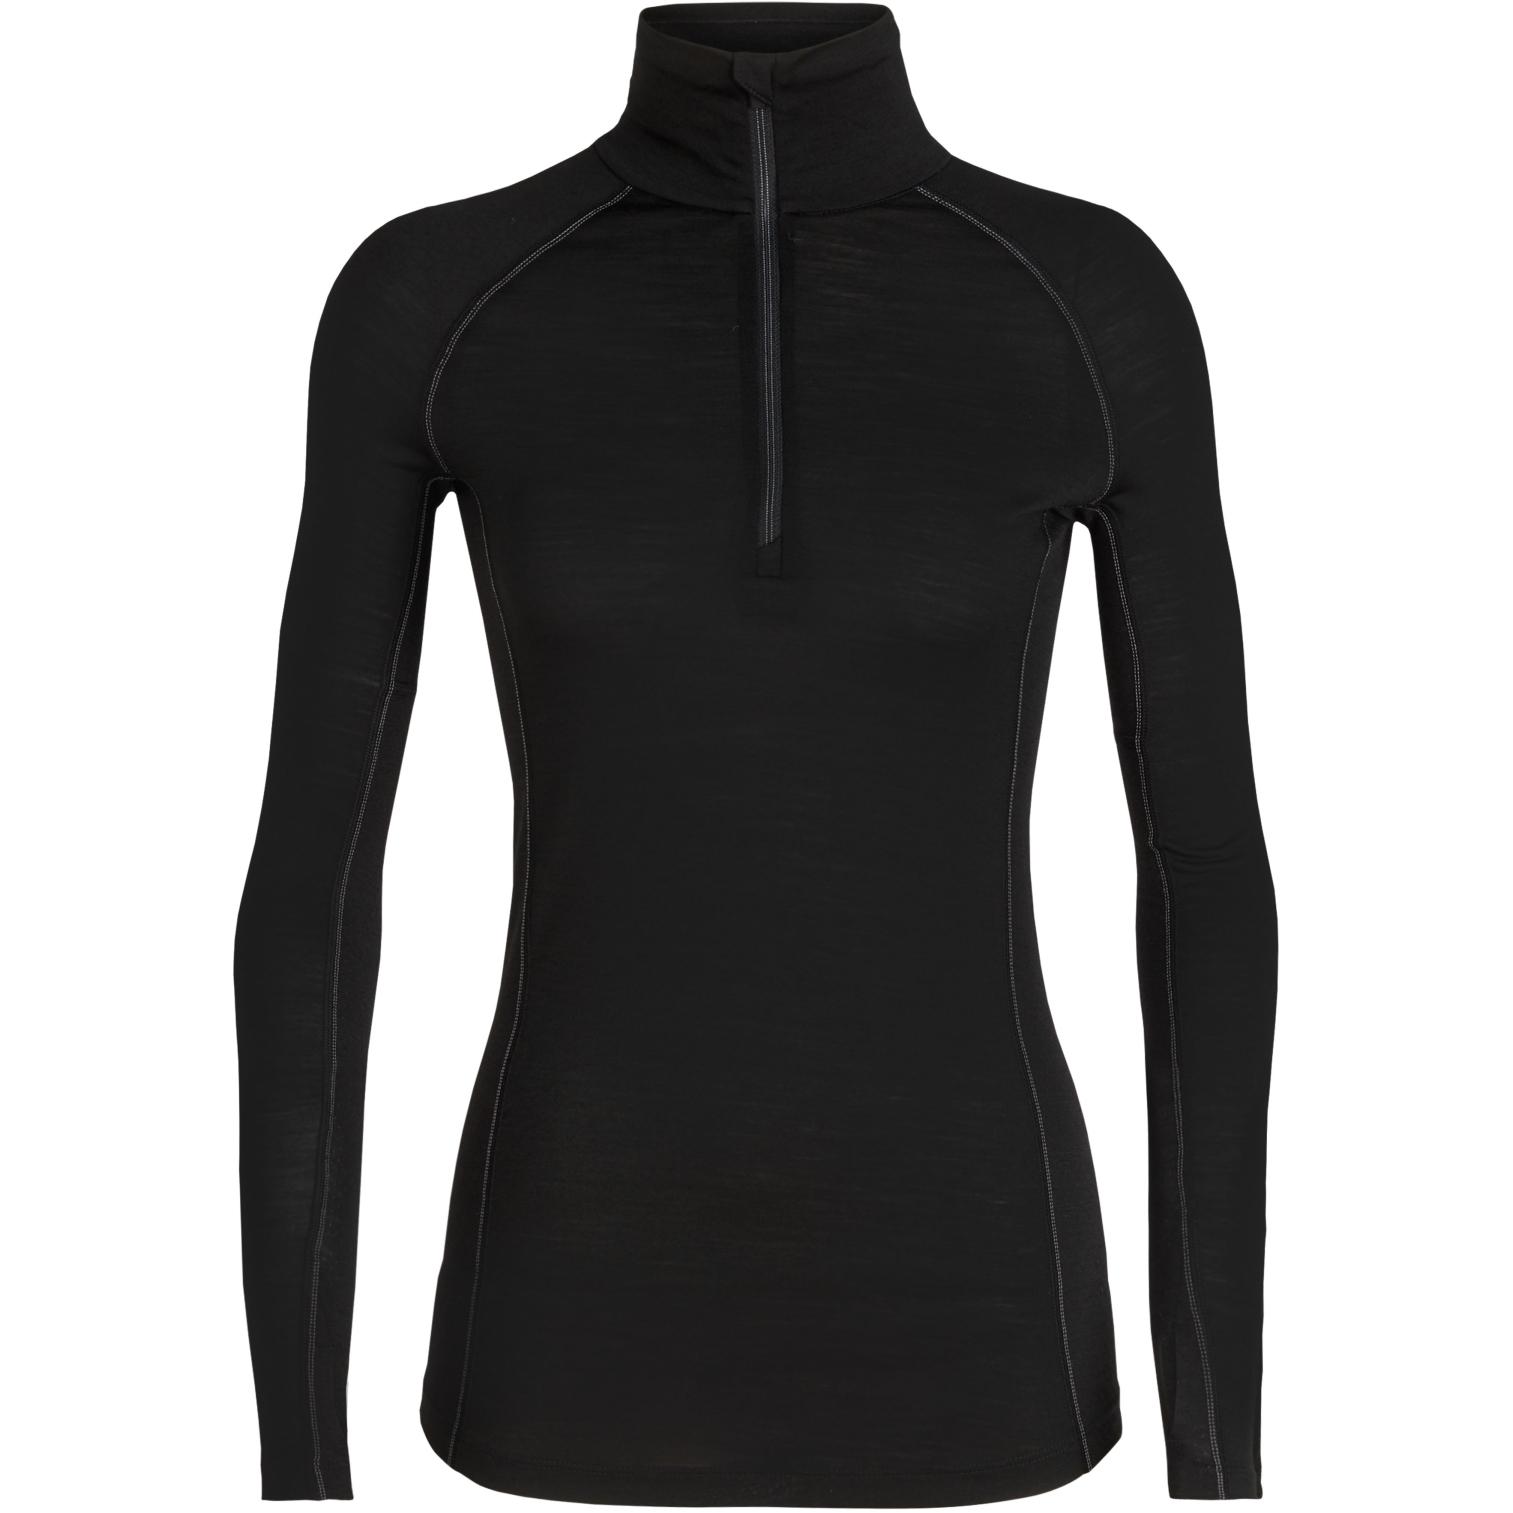 Produktbild von Icebreaker 150 Zone Half Zip Damen Langarmshirt - Black